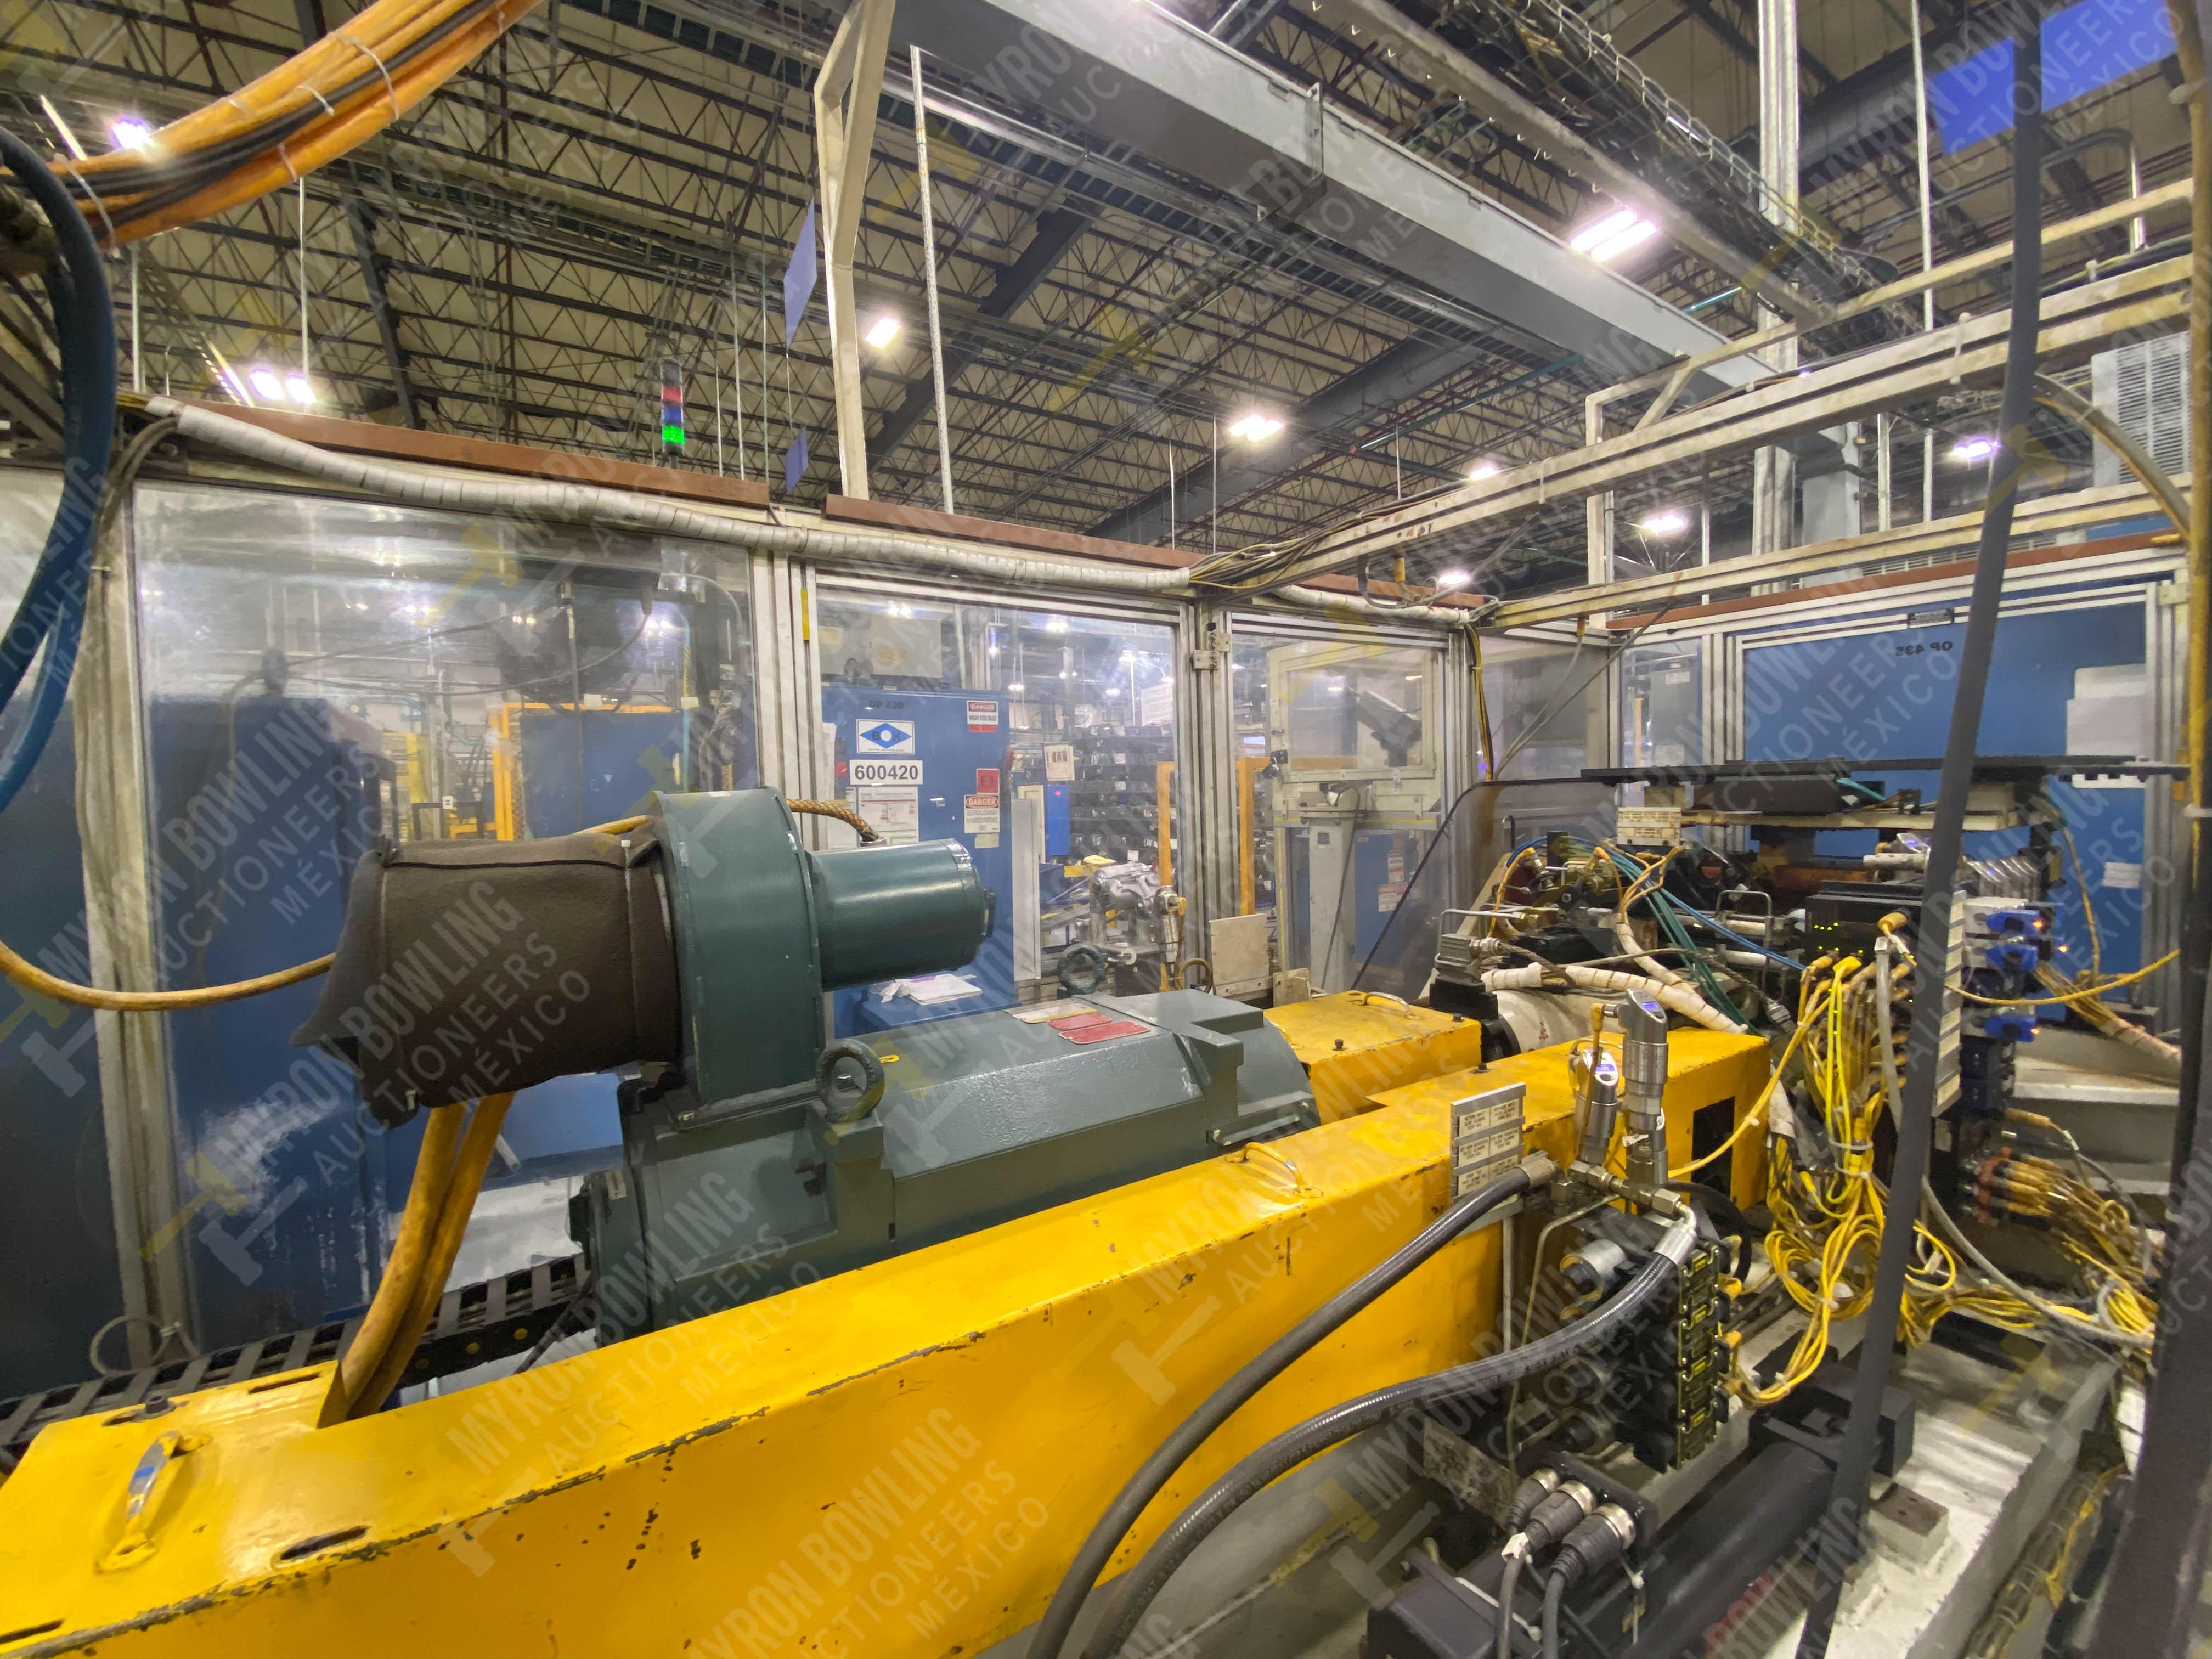 Estación semiautomática para operación 435, contiene: Máquina dinamómetro con sistema de revolución - Image 11 of 28